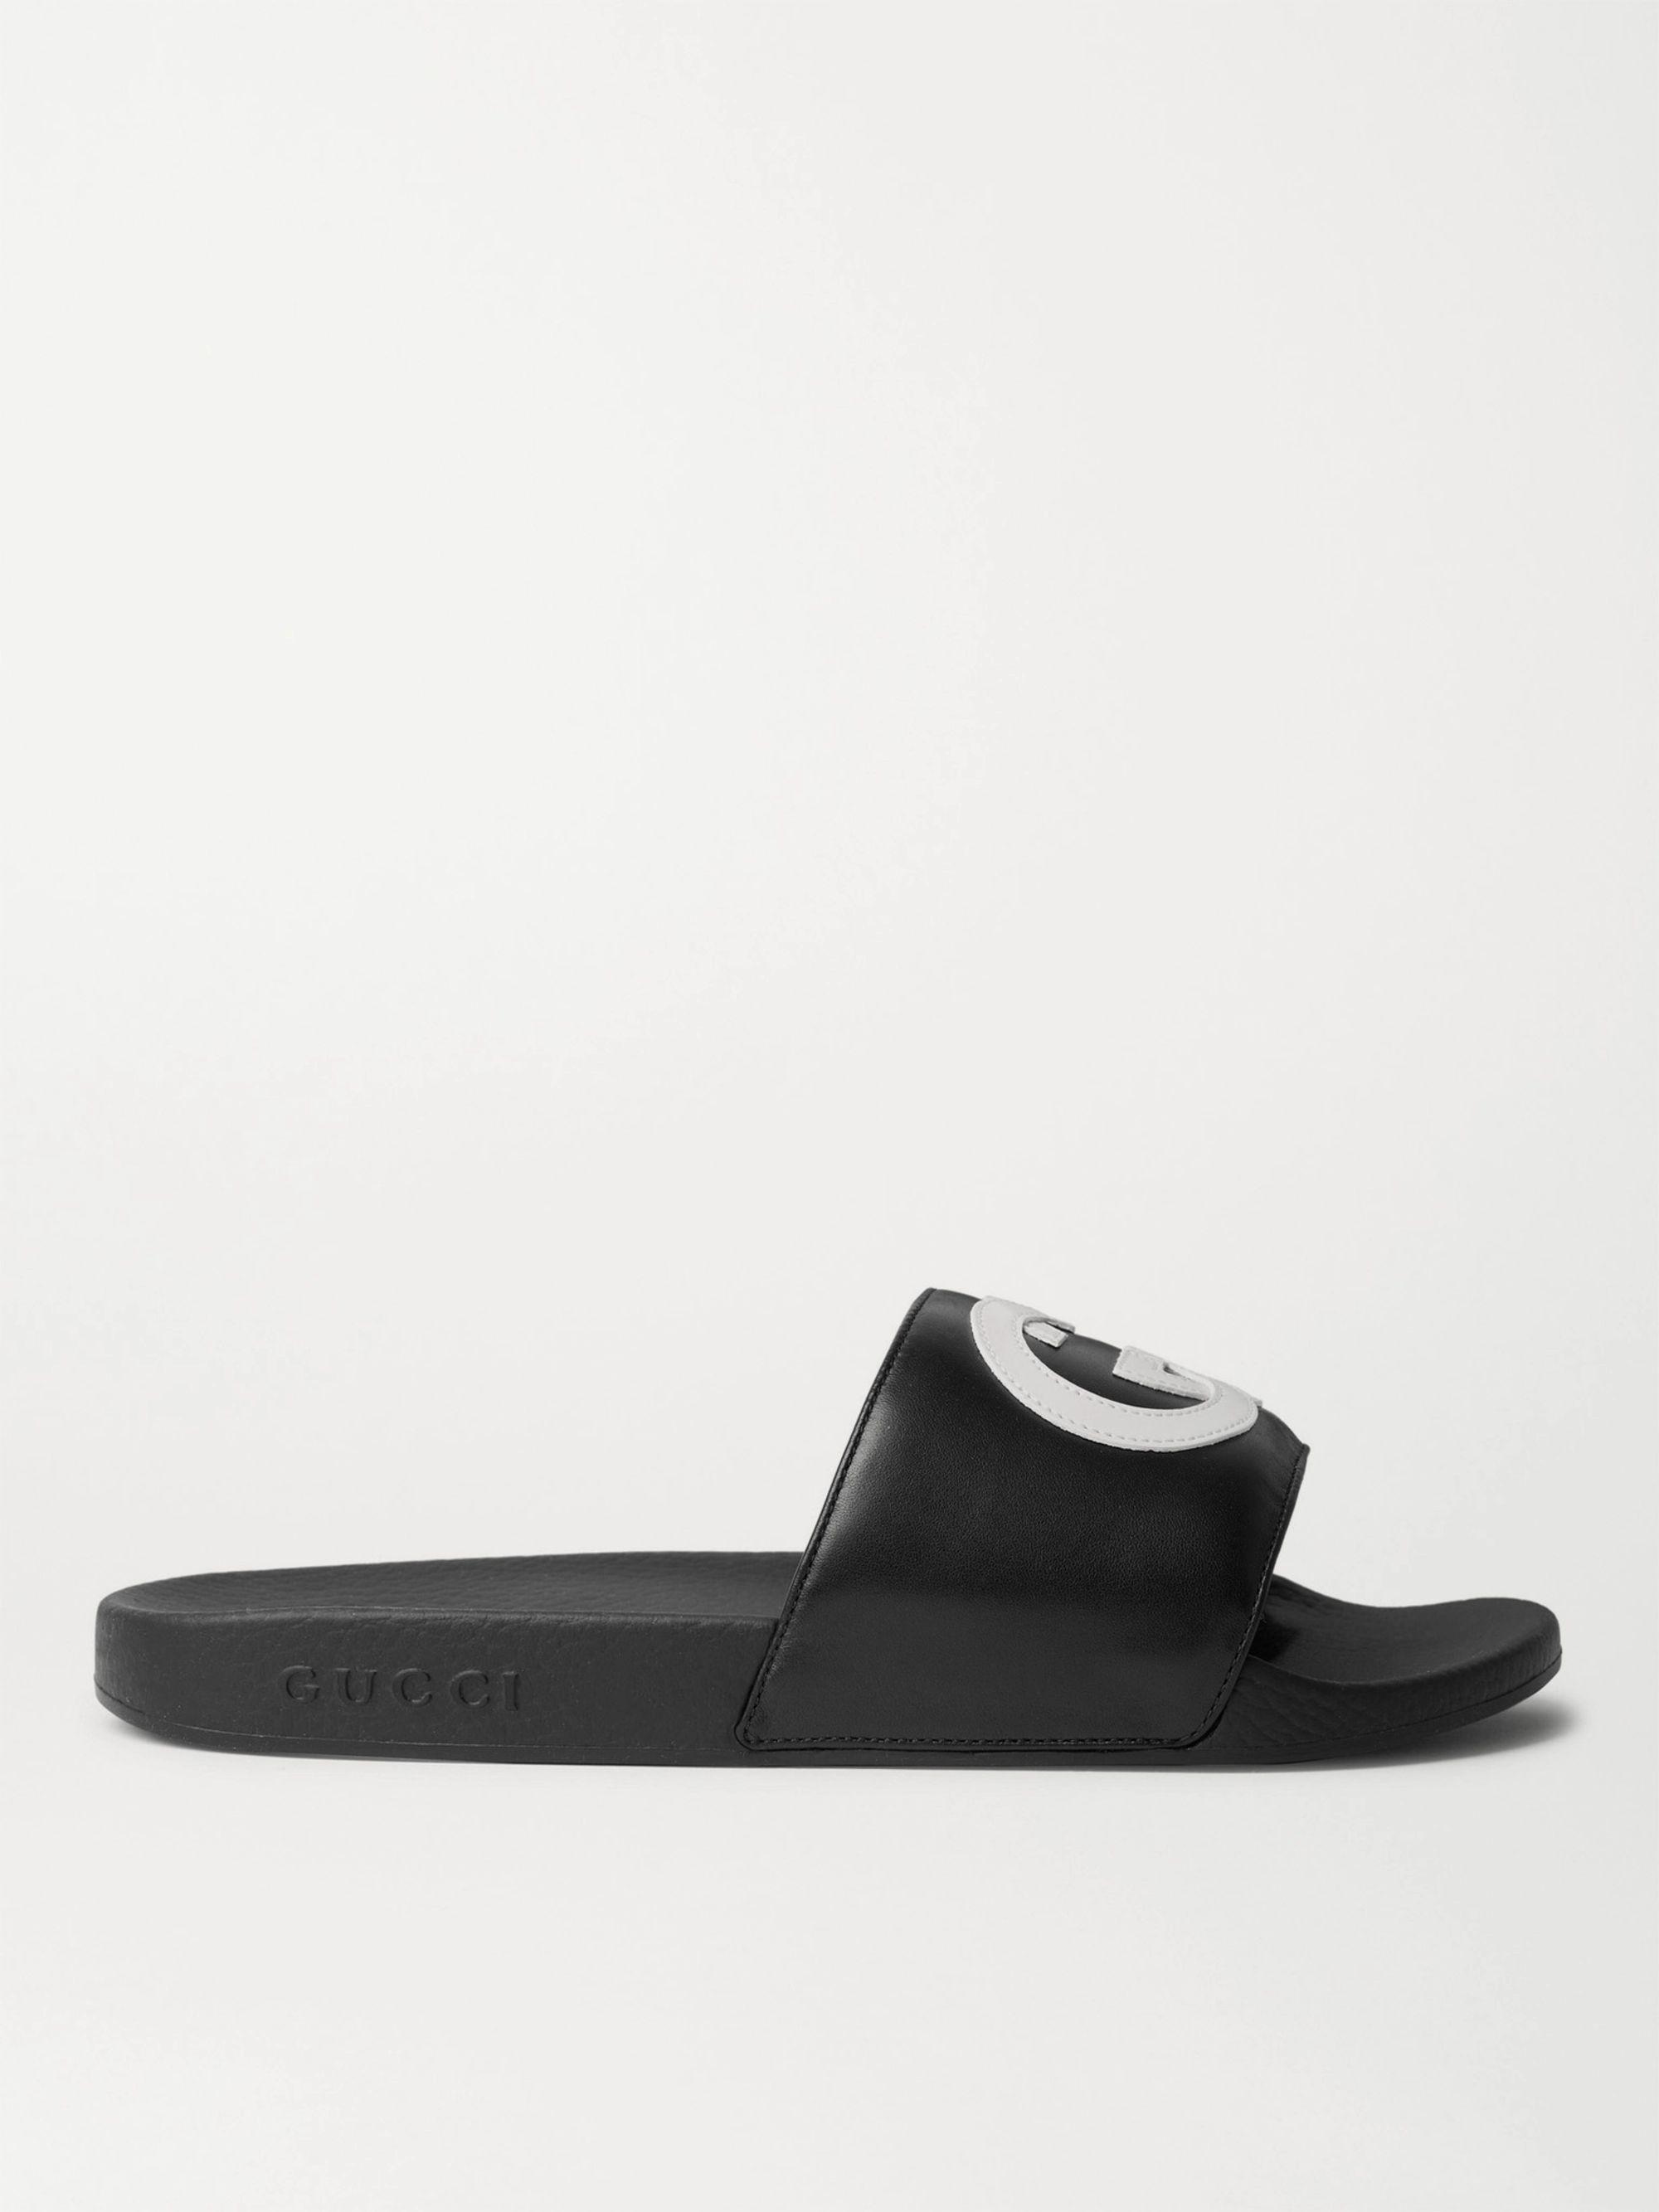 구찌 Gucci Logo-Appliqued Leather Slides,Black